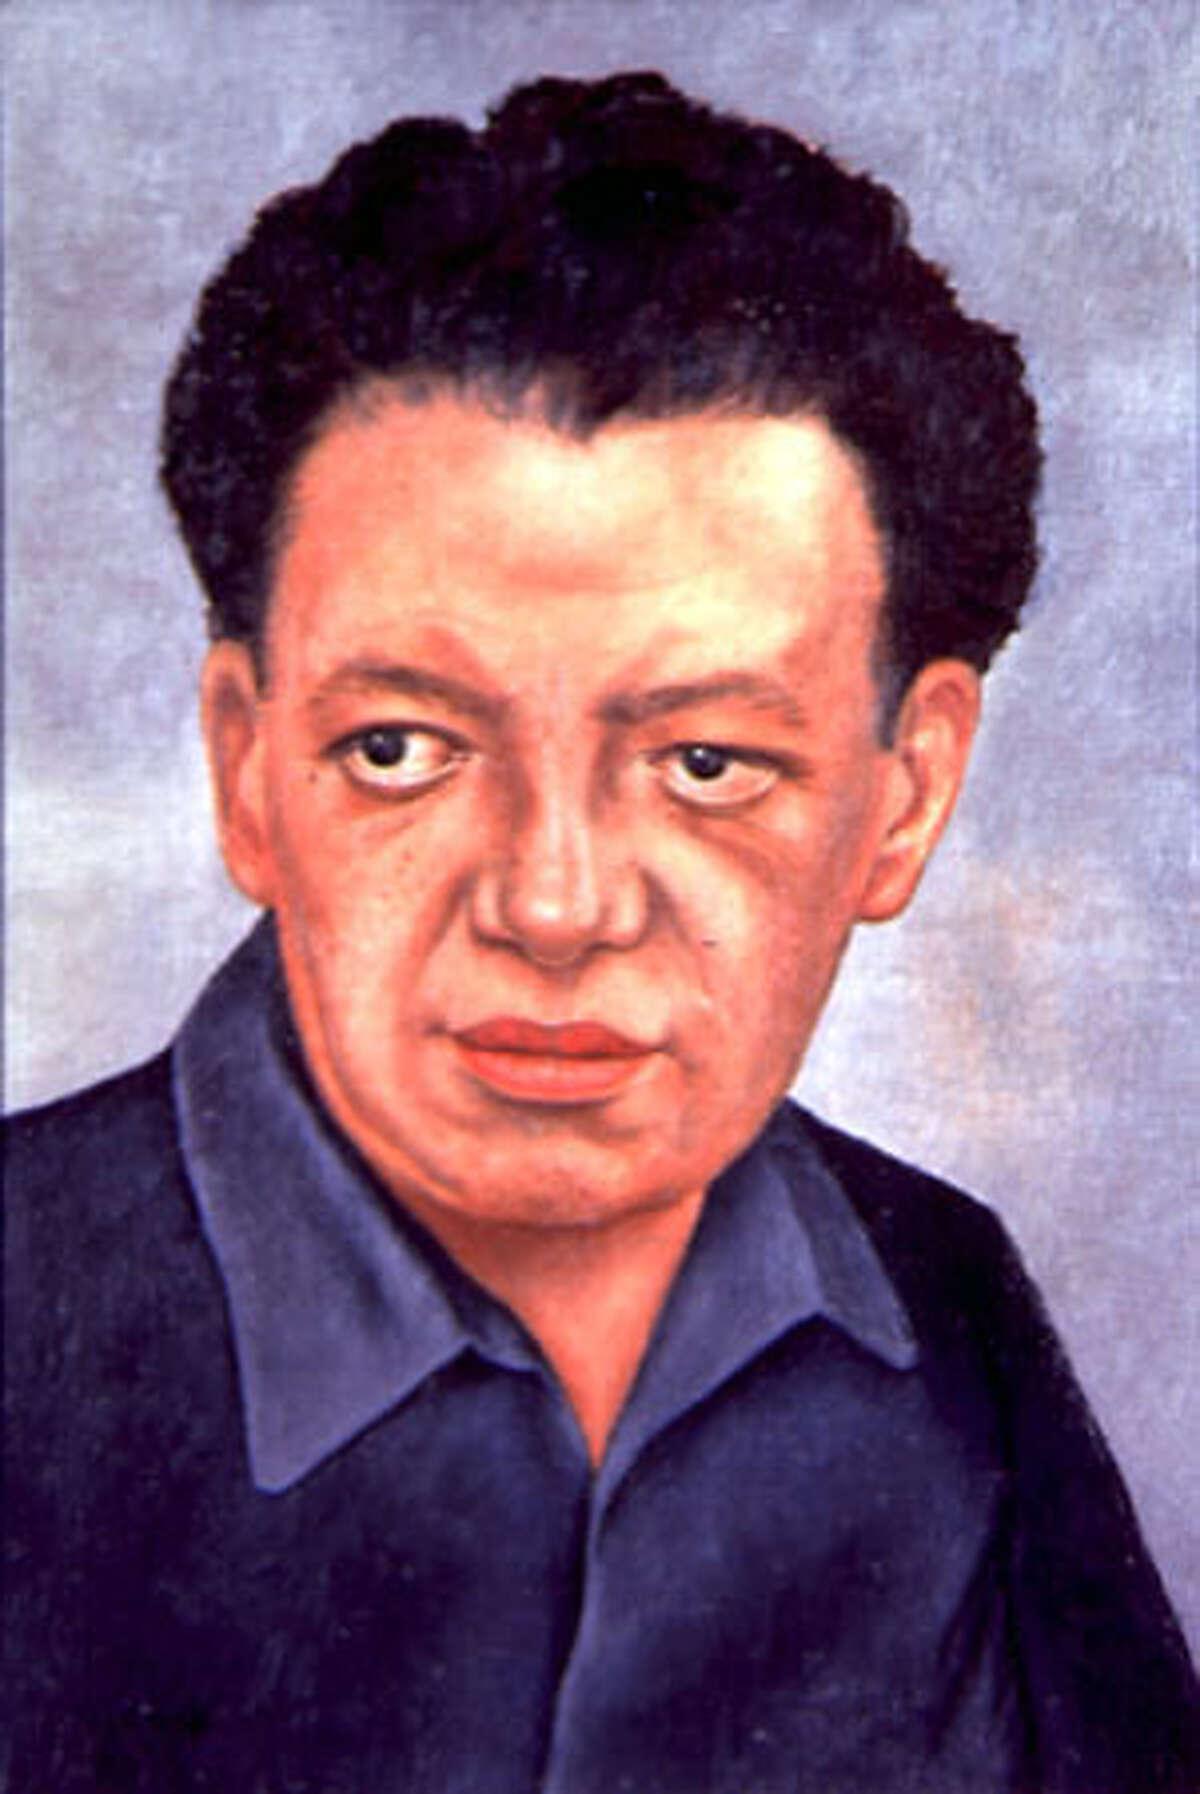 """""""Portrait of Diego Rivera"""" (Retrato de Diego Rivera), 1937. Frida Kahlo, Mexican, 1907-1954. Oil on masonite, 53 x 39 cm. Courtesy of the Vergel Foundation, New York. © 2002 Banco de Mexico, Diego Rivera & Frida Kahlo Museum Trust"""